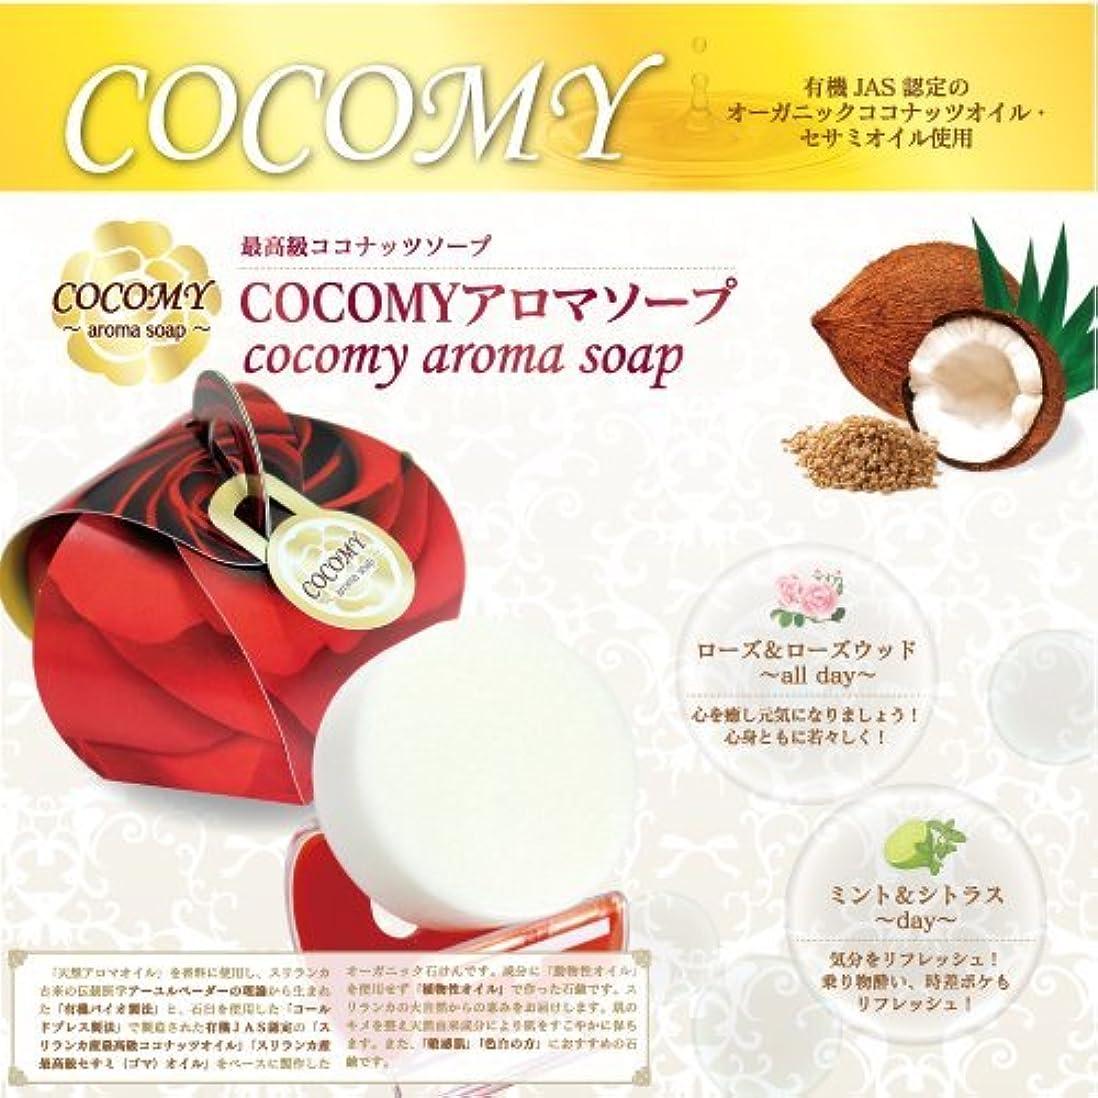 敬意うなり声広範囲にCOCOMY aromaソープ 4個セット (ミント&シトラス)(ローズ&ローズウッド) 40g×各2